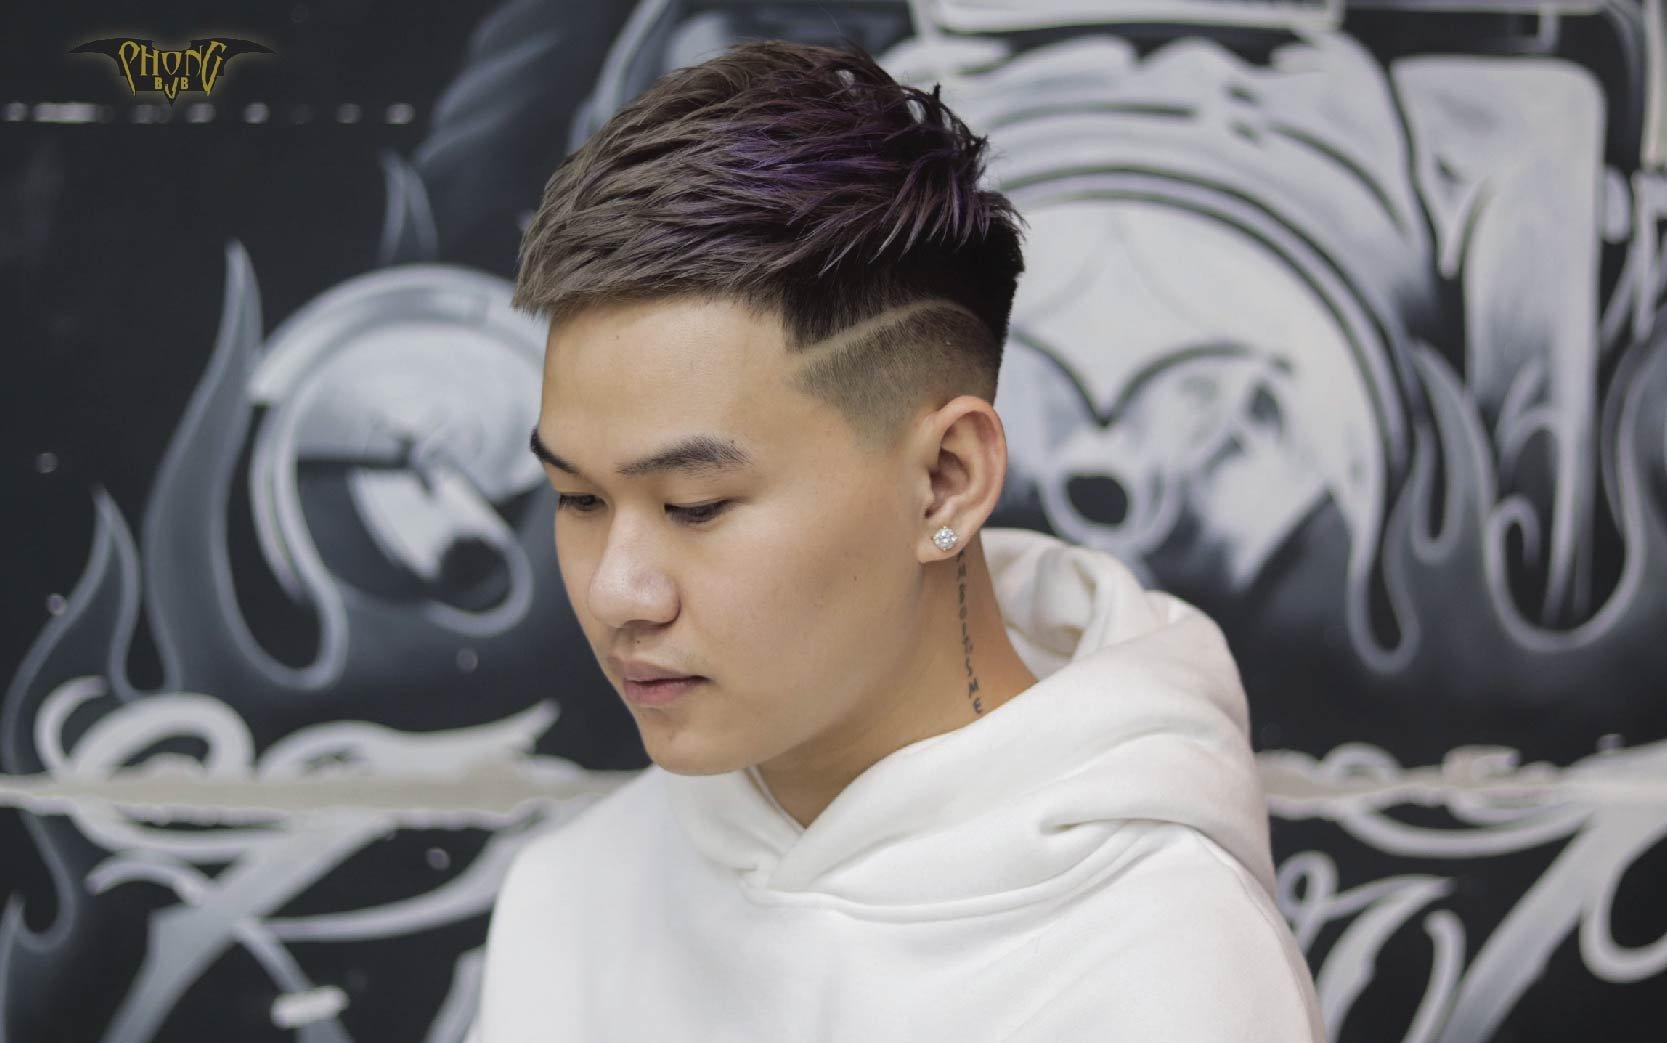 5 kiểu tóc nam mặt tròn đẹp nhất 2021 - Các em không thể rời mắt